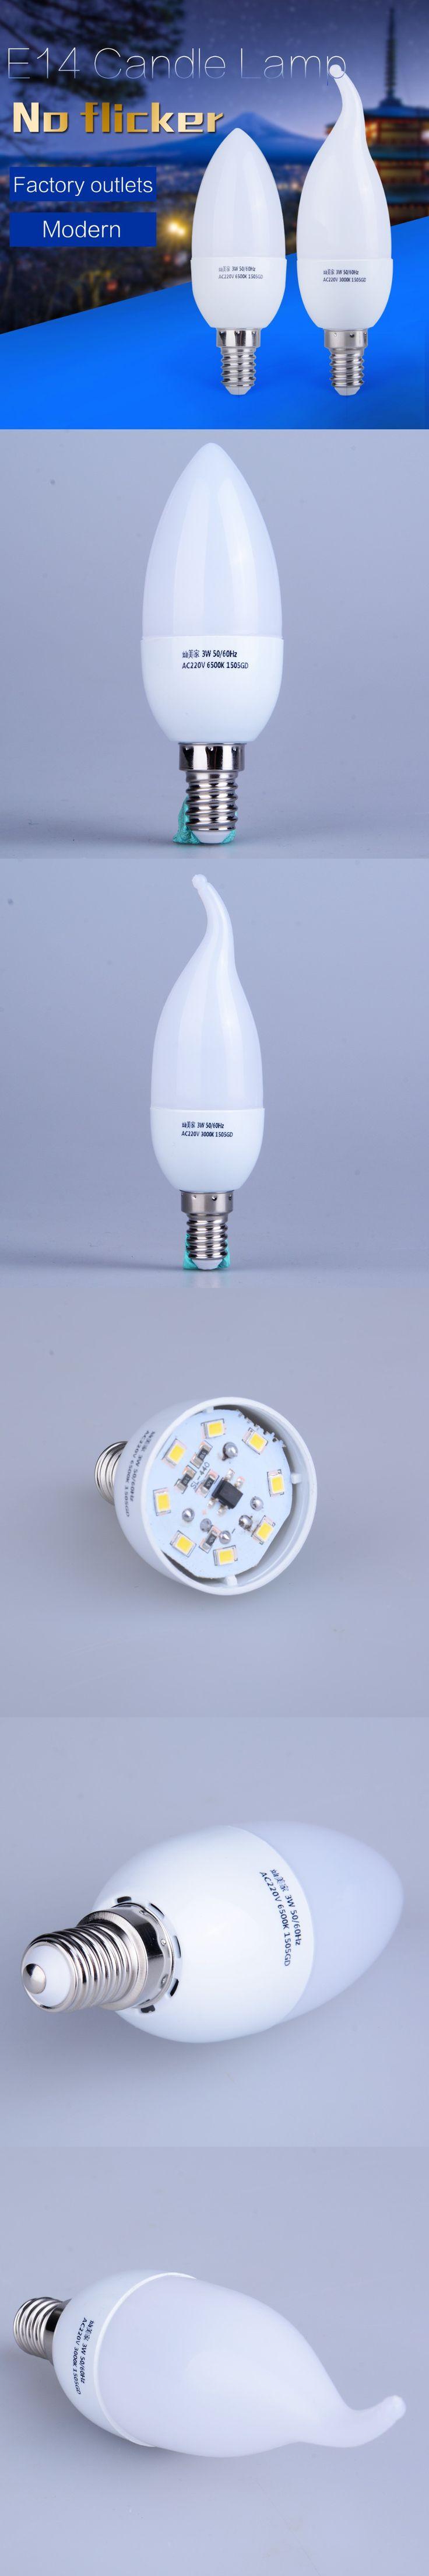 1pcs E14 Led Candle Energy Saving Lamp Light Bulb Velas Led Decorativas Home Lighting Decoration Led Lamp E14 5w 3w 220v Smd2835 $1.84